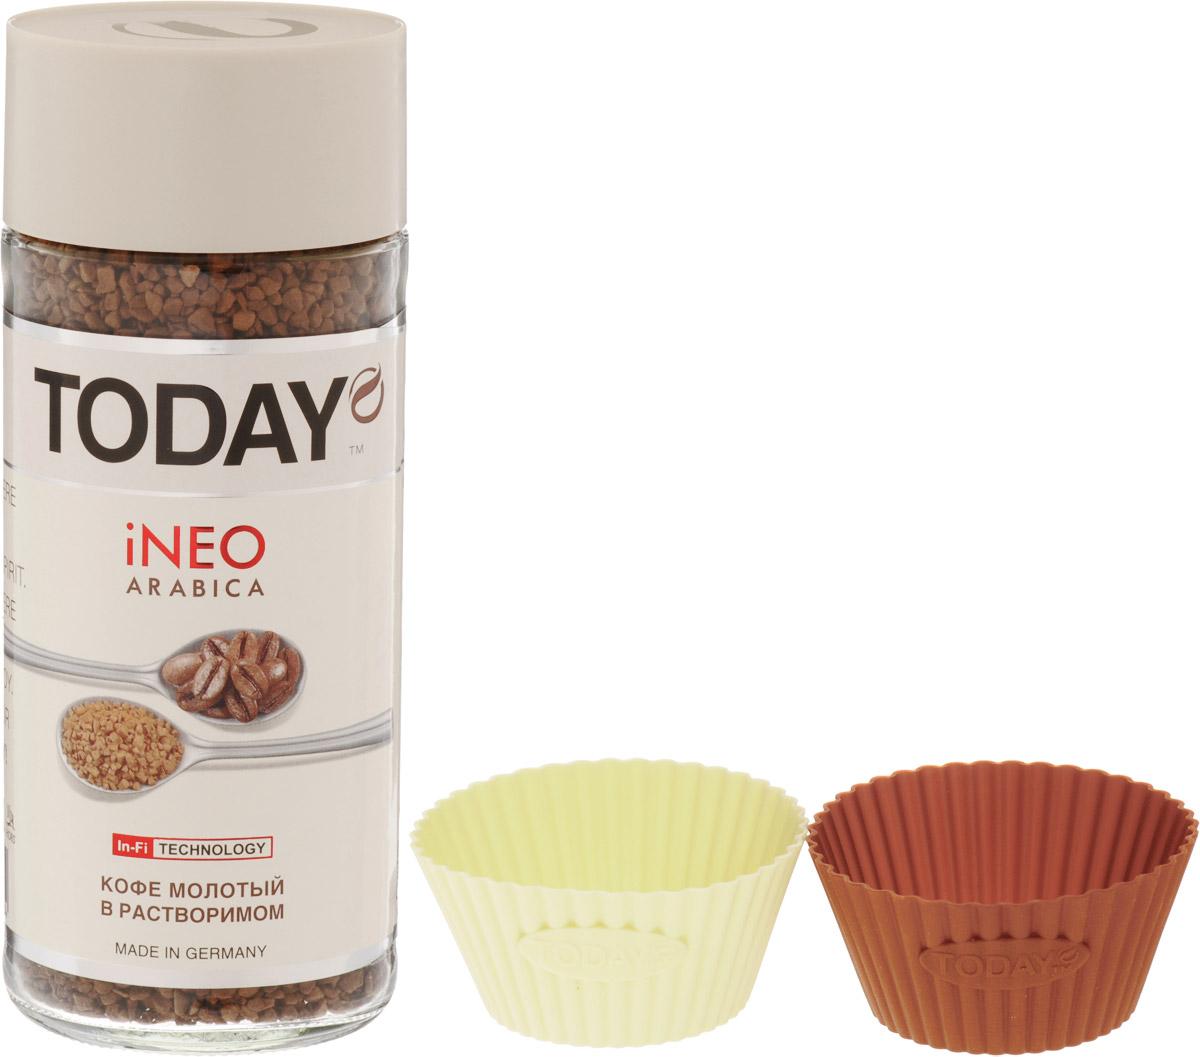 Today In-Fi кофе растворимый, 95 г + набор для выпечки5060300570134Для создания великолепного кофе Today In-Fi использовались лишь отборные зерна средней обжарки. Молотый кофе внутри растворимого дарит аромат и вкус свежесваренного кофе.В комплекте предусмотрен набор для выпечки со следующими цветовыми сочетаниями: кремовый + зеленый, кремовый + коричневый, кремовый + красный. УВАЖАЕМЫЕ КЛИЕНТЫ! Обращаем ваше внимание на возможные варианты цвета формочек для выпечки. Поставка осуществляется в зависимости от наличия на складе.Кофе: мифы и факты. Статья OZON Гид